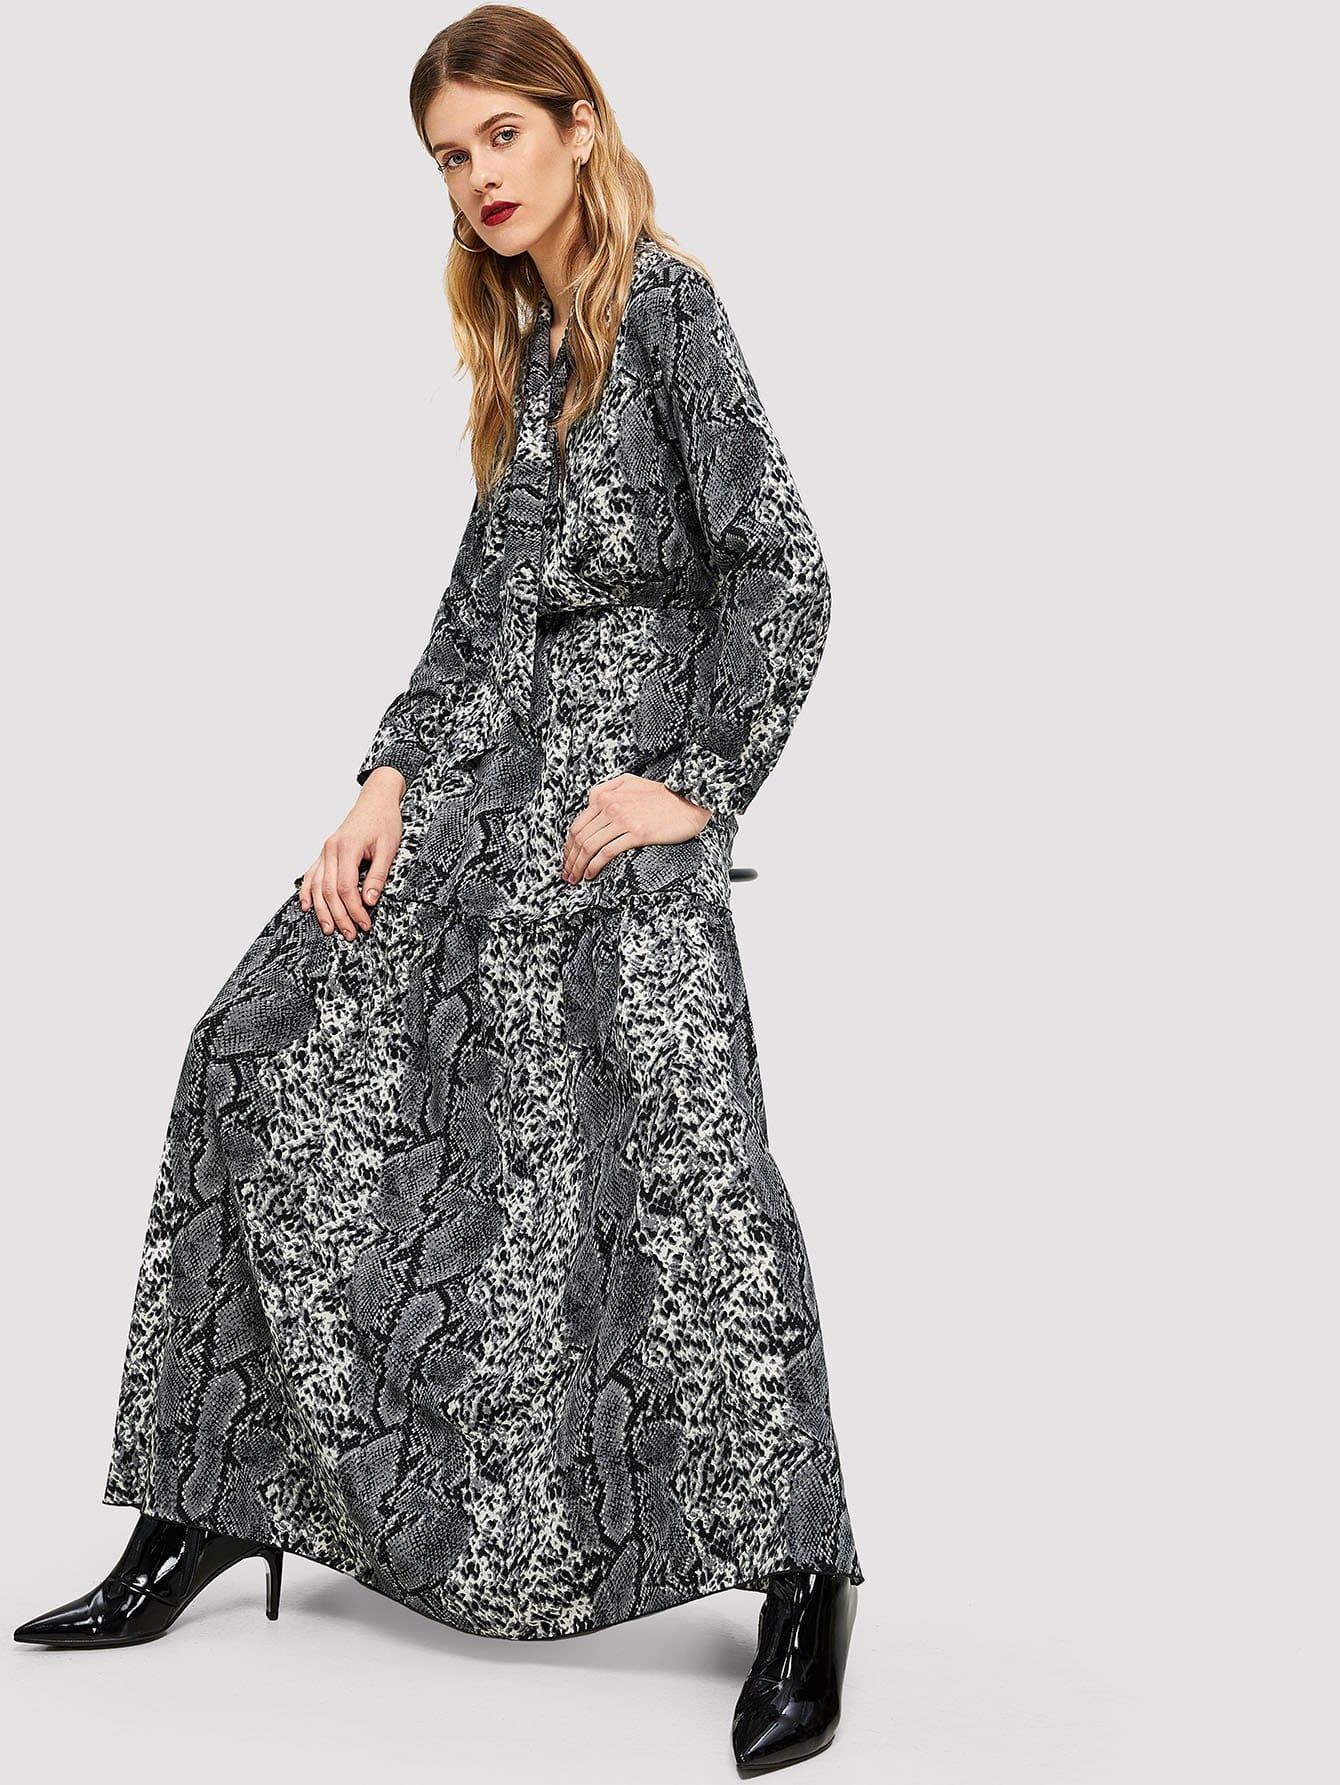 Kleid Mit Schlangenmuster Und Schleife Am Kragen  Shein